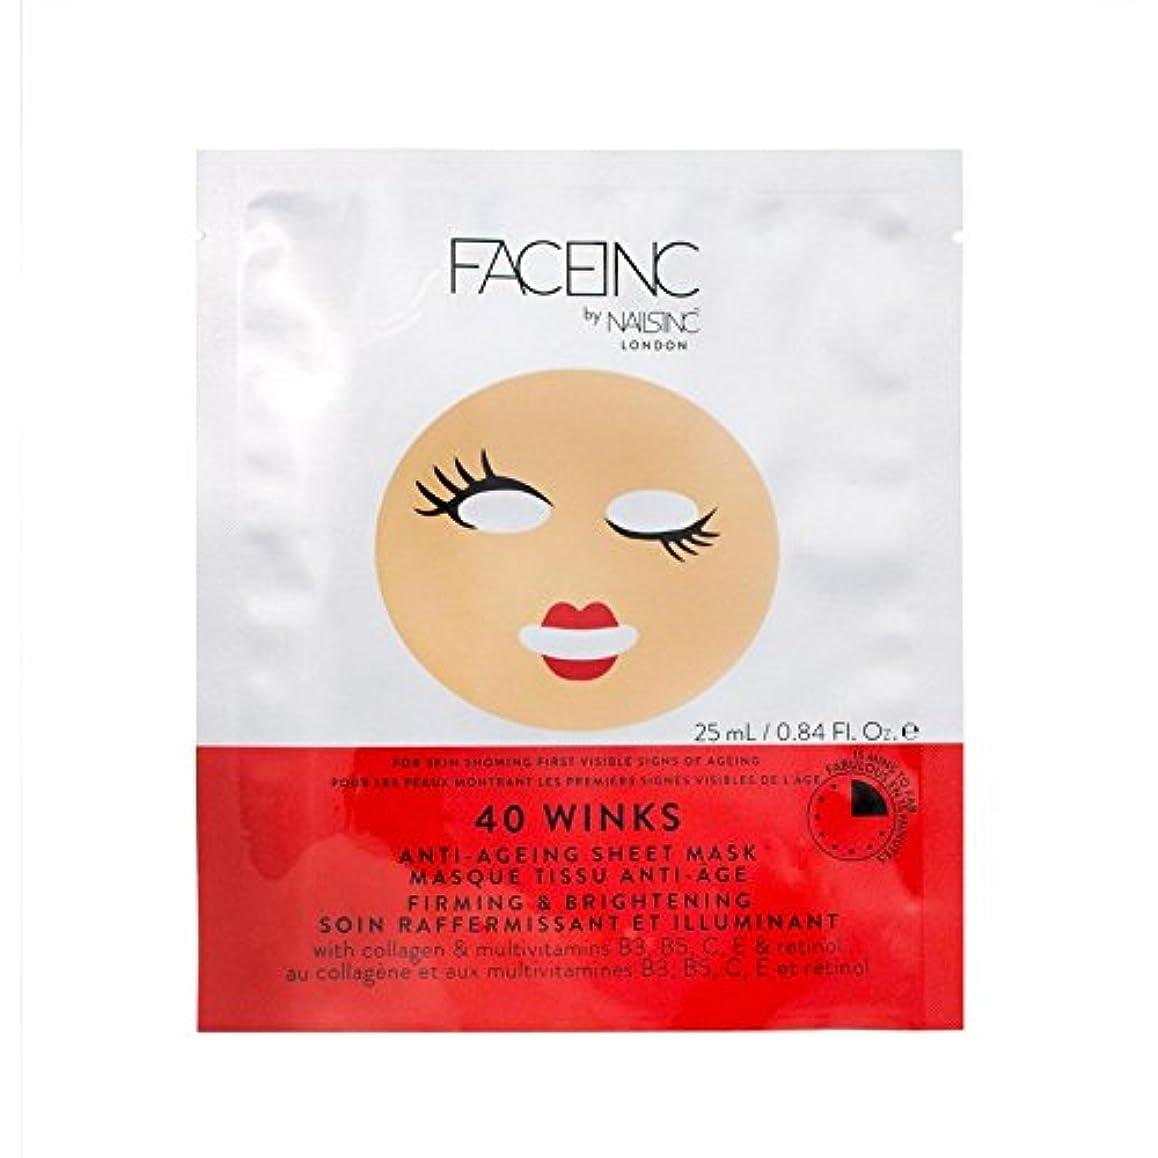 私達命題かりて爪が株式会社顔株式会社40のウィンクは、マスク x2 - Nails Inc. Face Inc 40 Winks Mask (Pack of 2) [並行輸入品]